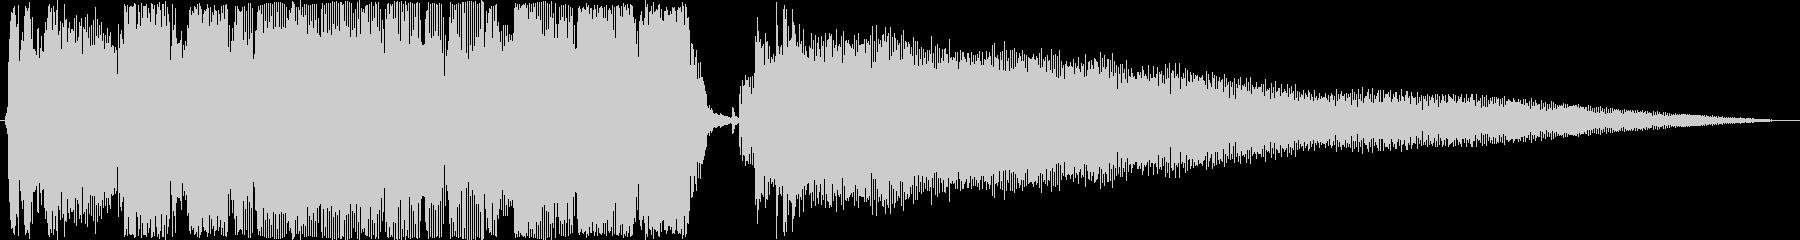 ジングル ロックンロールギターAの未再生の波形